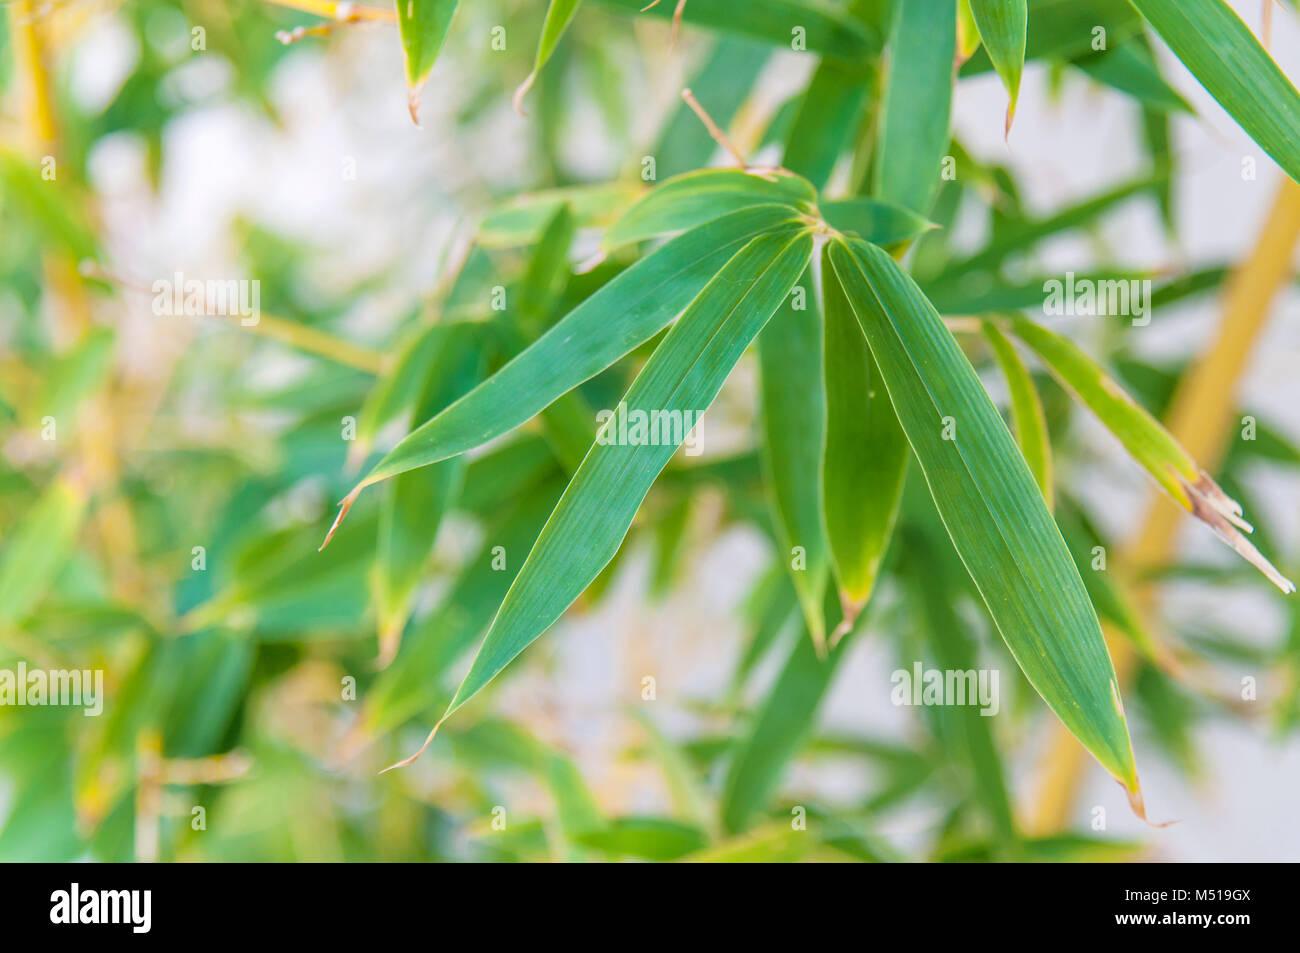 Foglie di bambù vicino con sfondo sfocato Immagini Stock